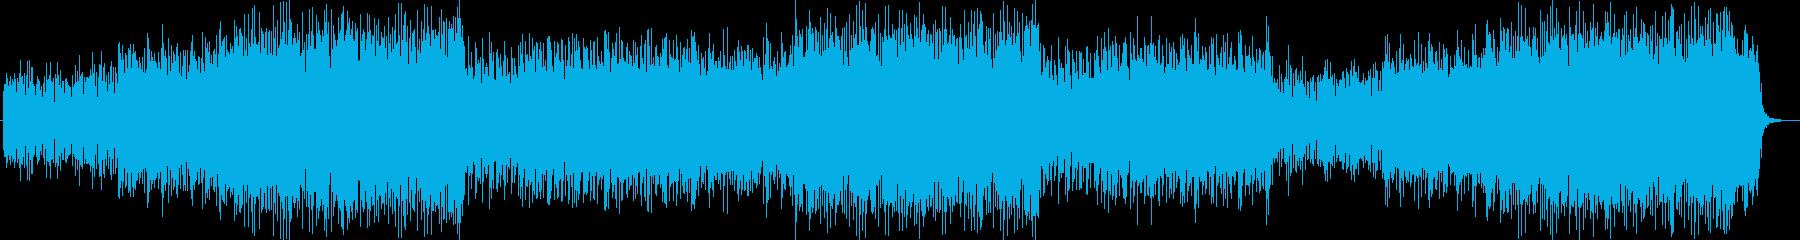 疾走感とミステリアスなシンセサウンドの再生済みの波形